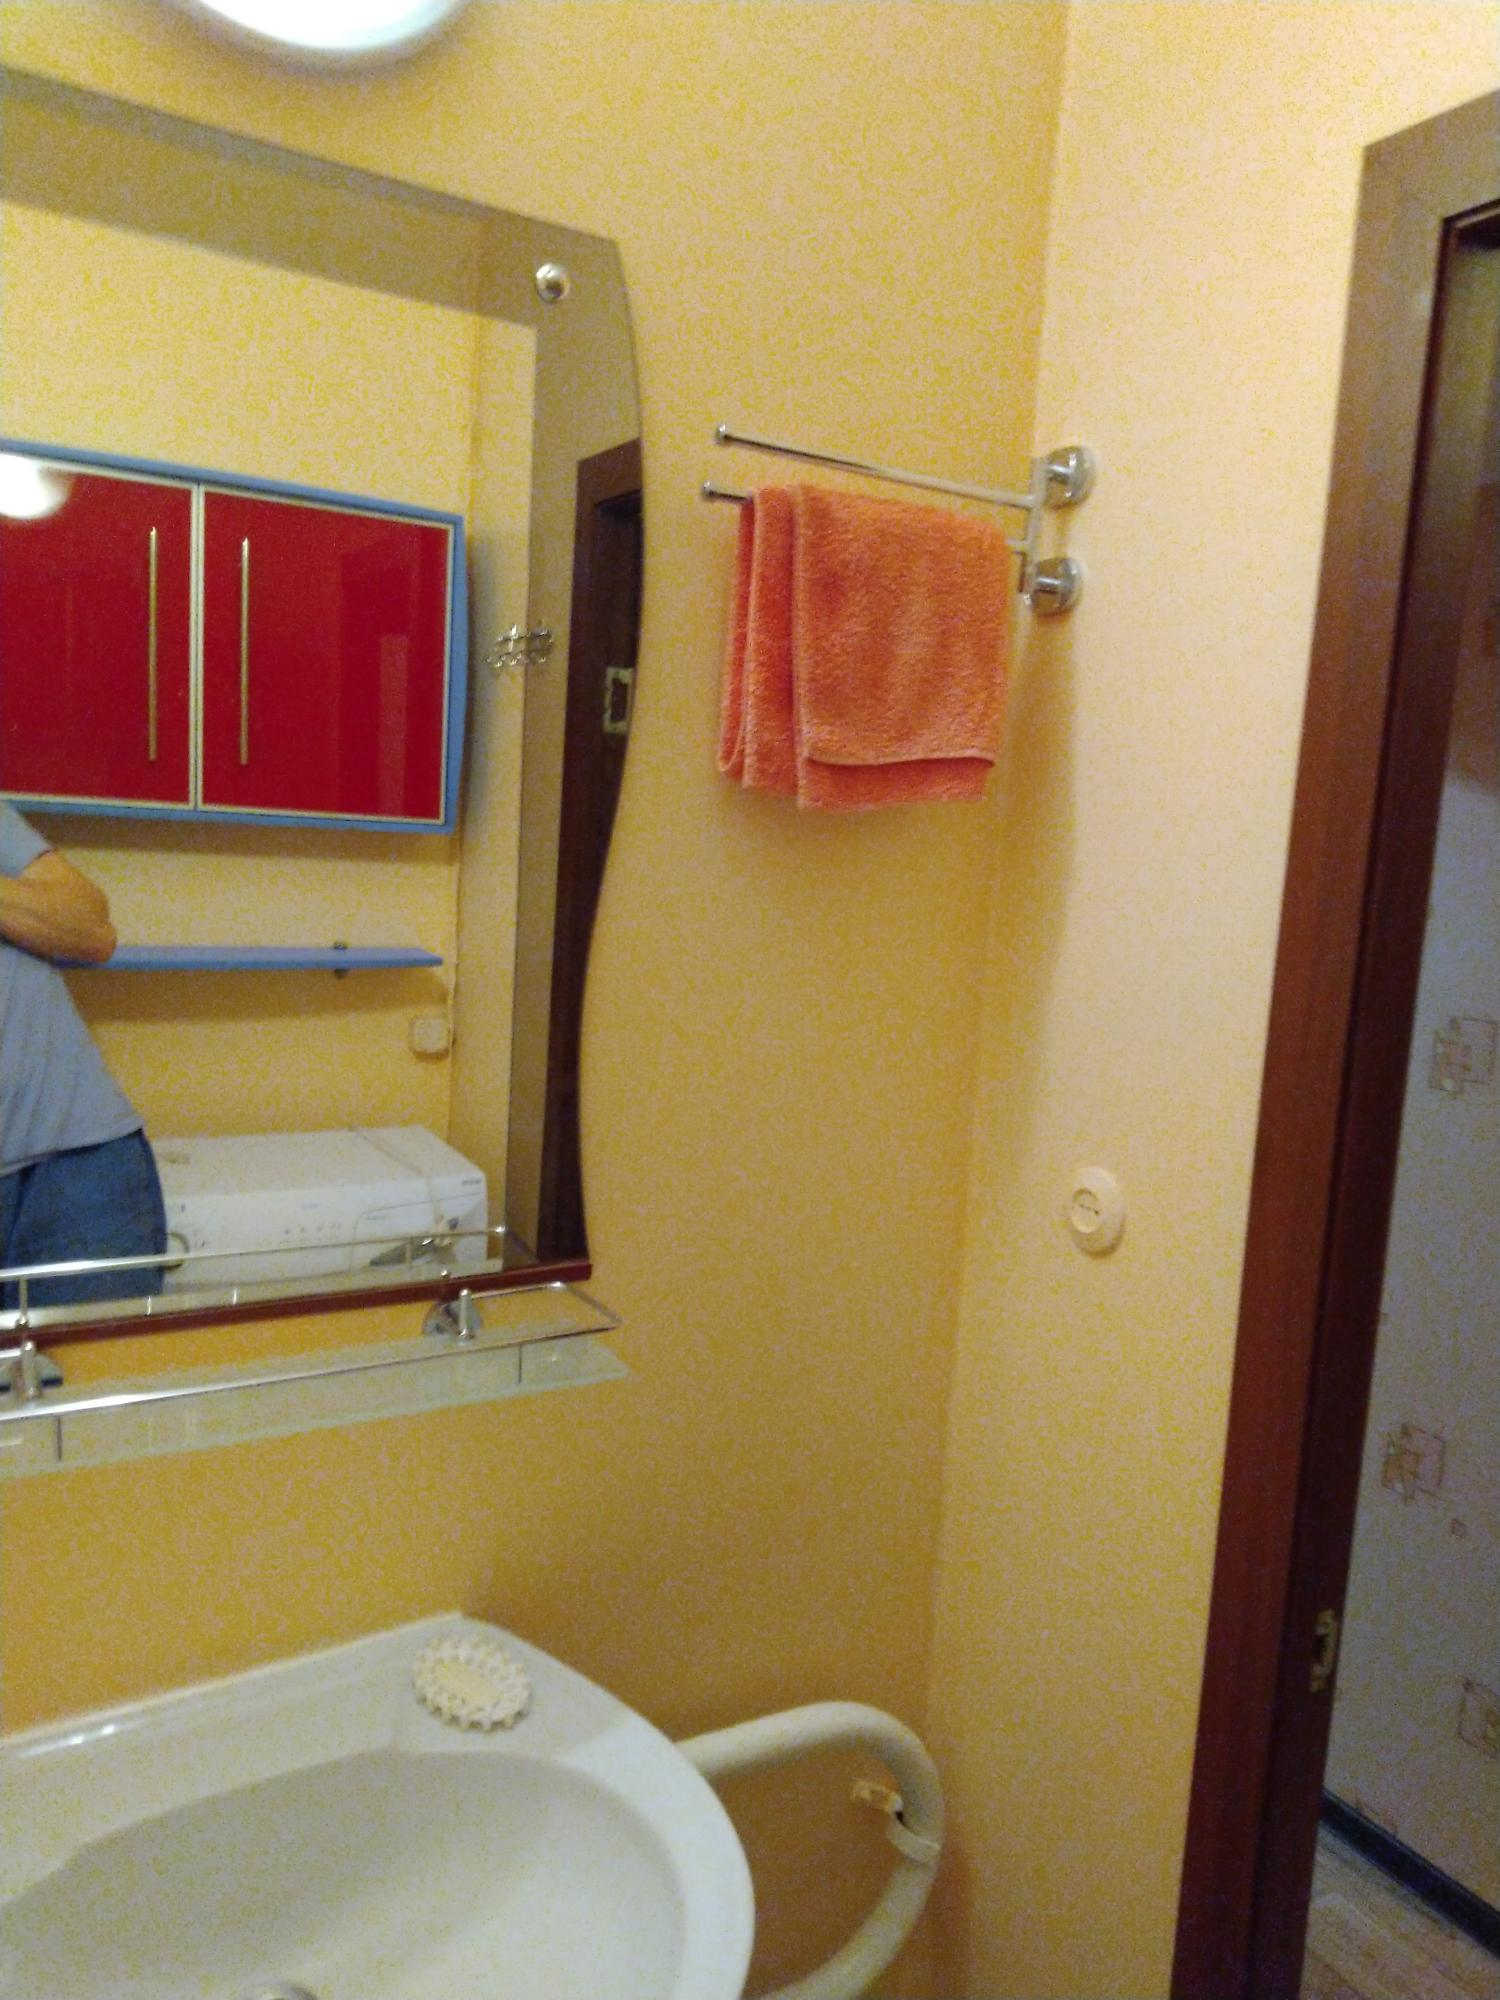 Квартира, 1 комната, 41 м² в Москве 89629338809 купить 8